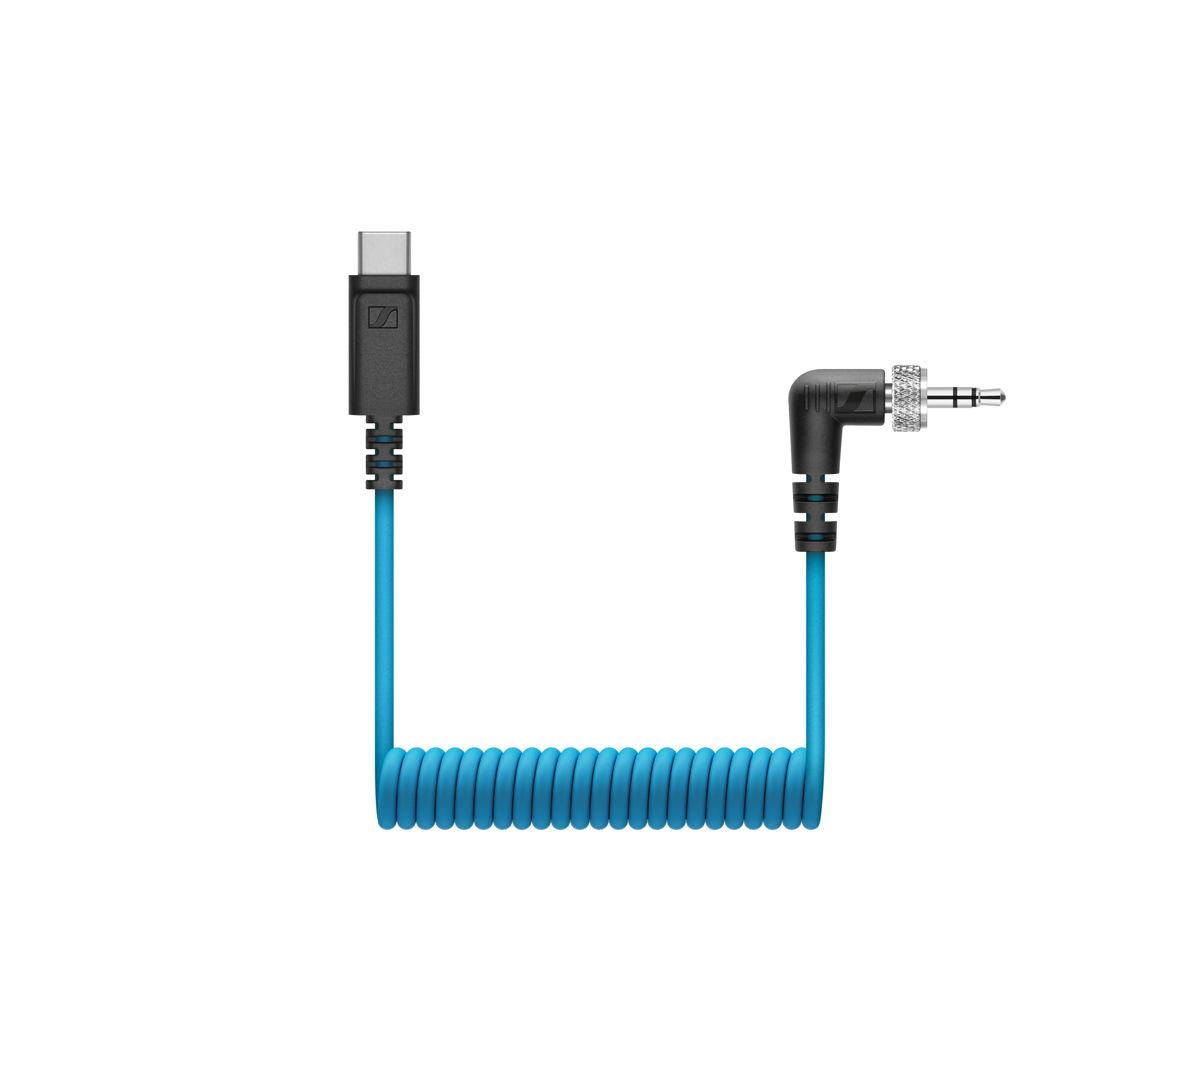 Dankzijde CL 35 USB-C-kabelis je MKE 200, MKE 400 of XSW-D Portable Lav Mobile Kithelemaalklaarom optenemenmeteenmobielapparaatmet USB-C-aansluiting